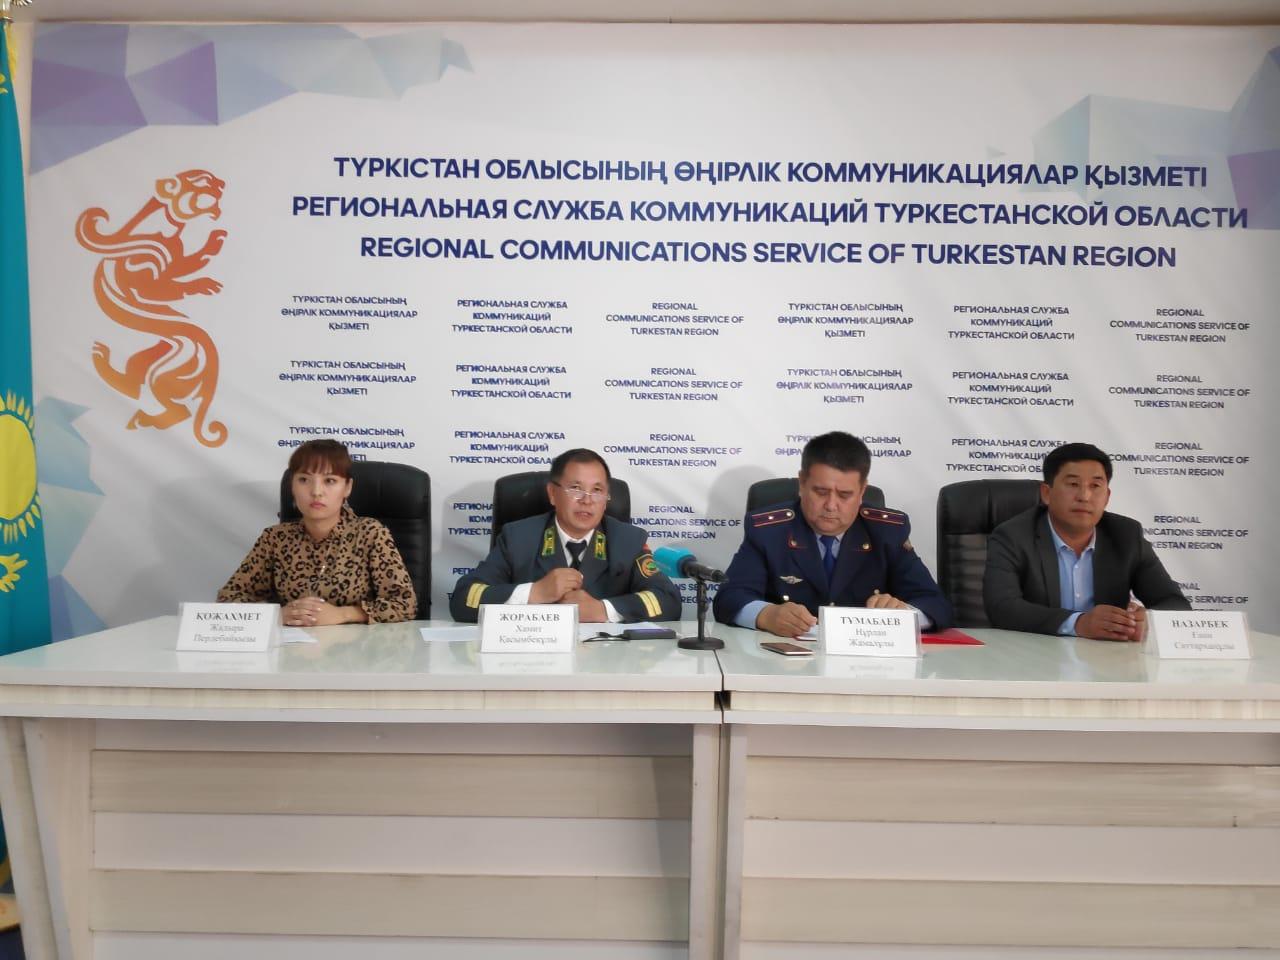 Қызғалдақ жұлғандар жазаға тартылады - Түркістан облысы